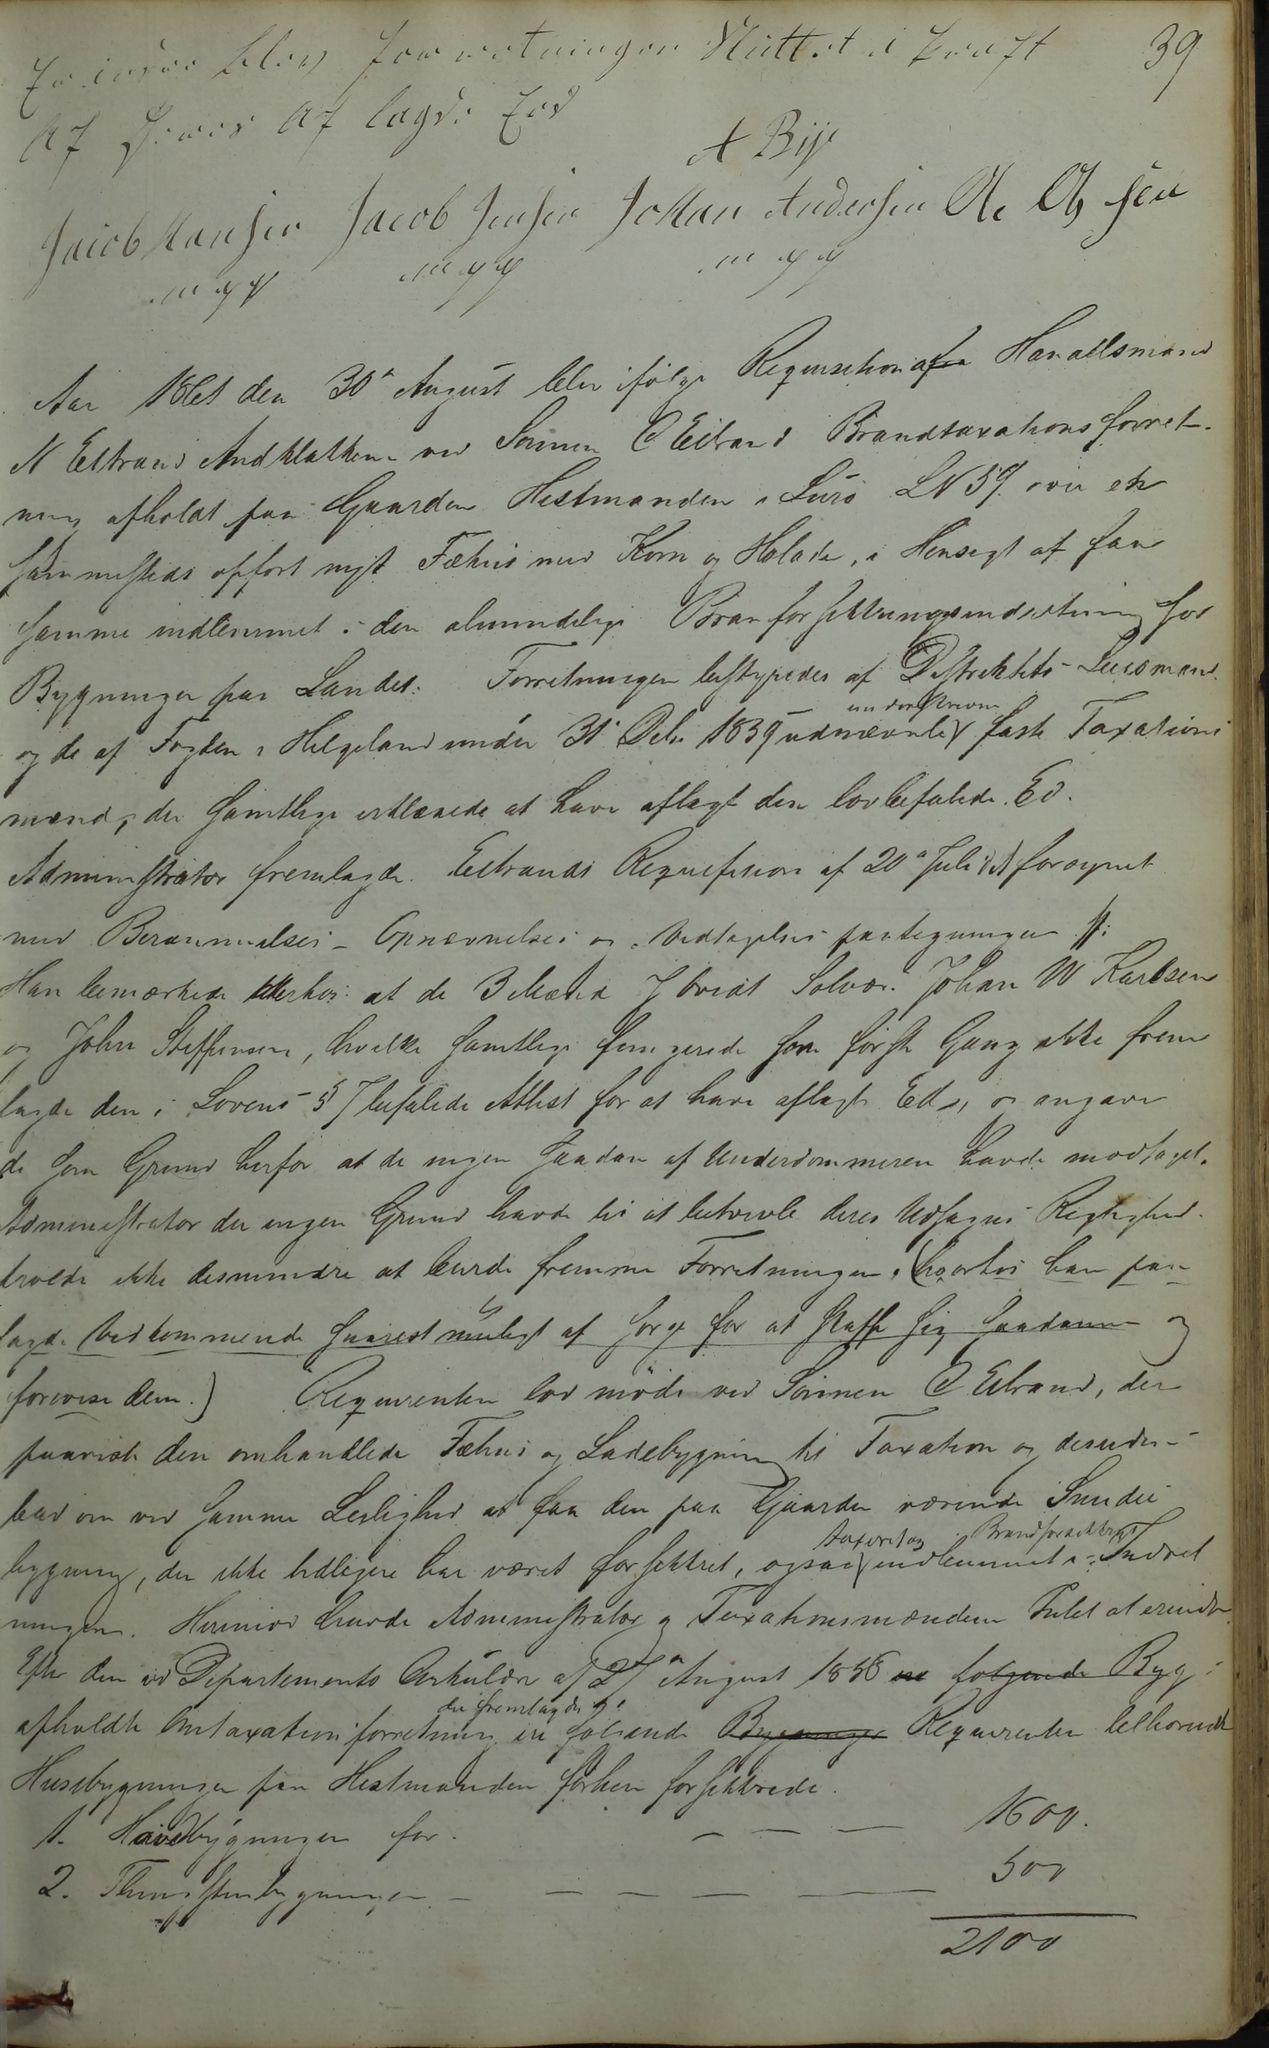 AIN, Lurøy kommune. Formannskapet, 100/L0001: Møtebok, 1836-1898, s. 39